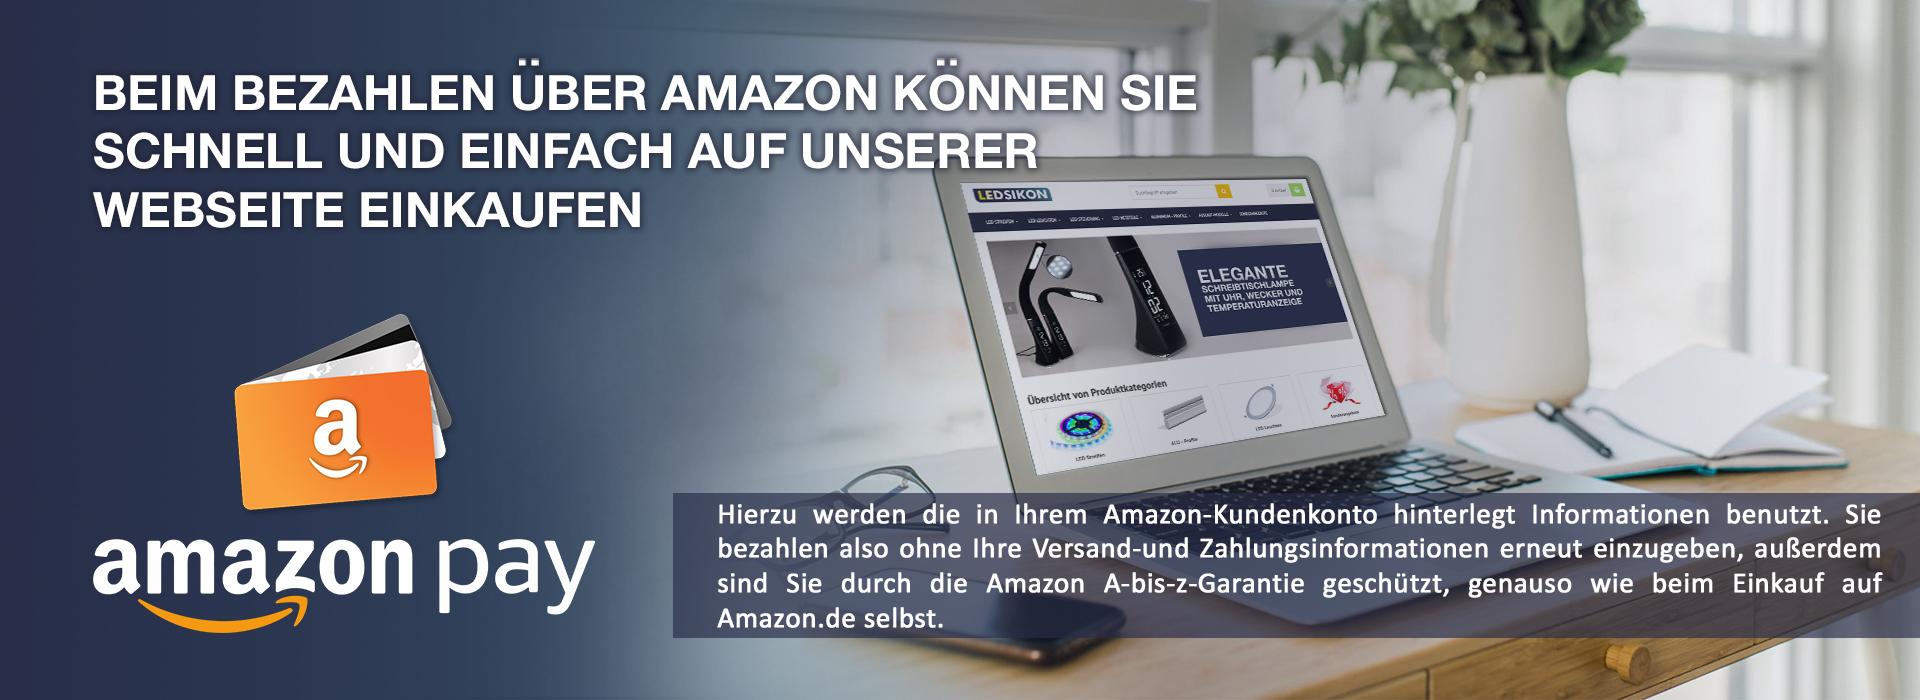 Die bequeme und bewährte Zahlungsart mit AmazonPay